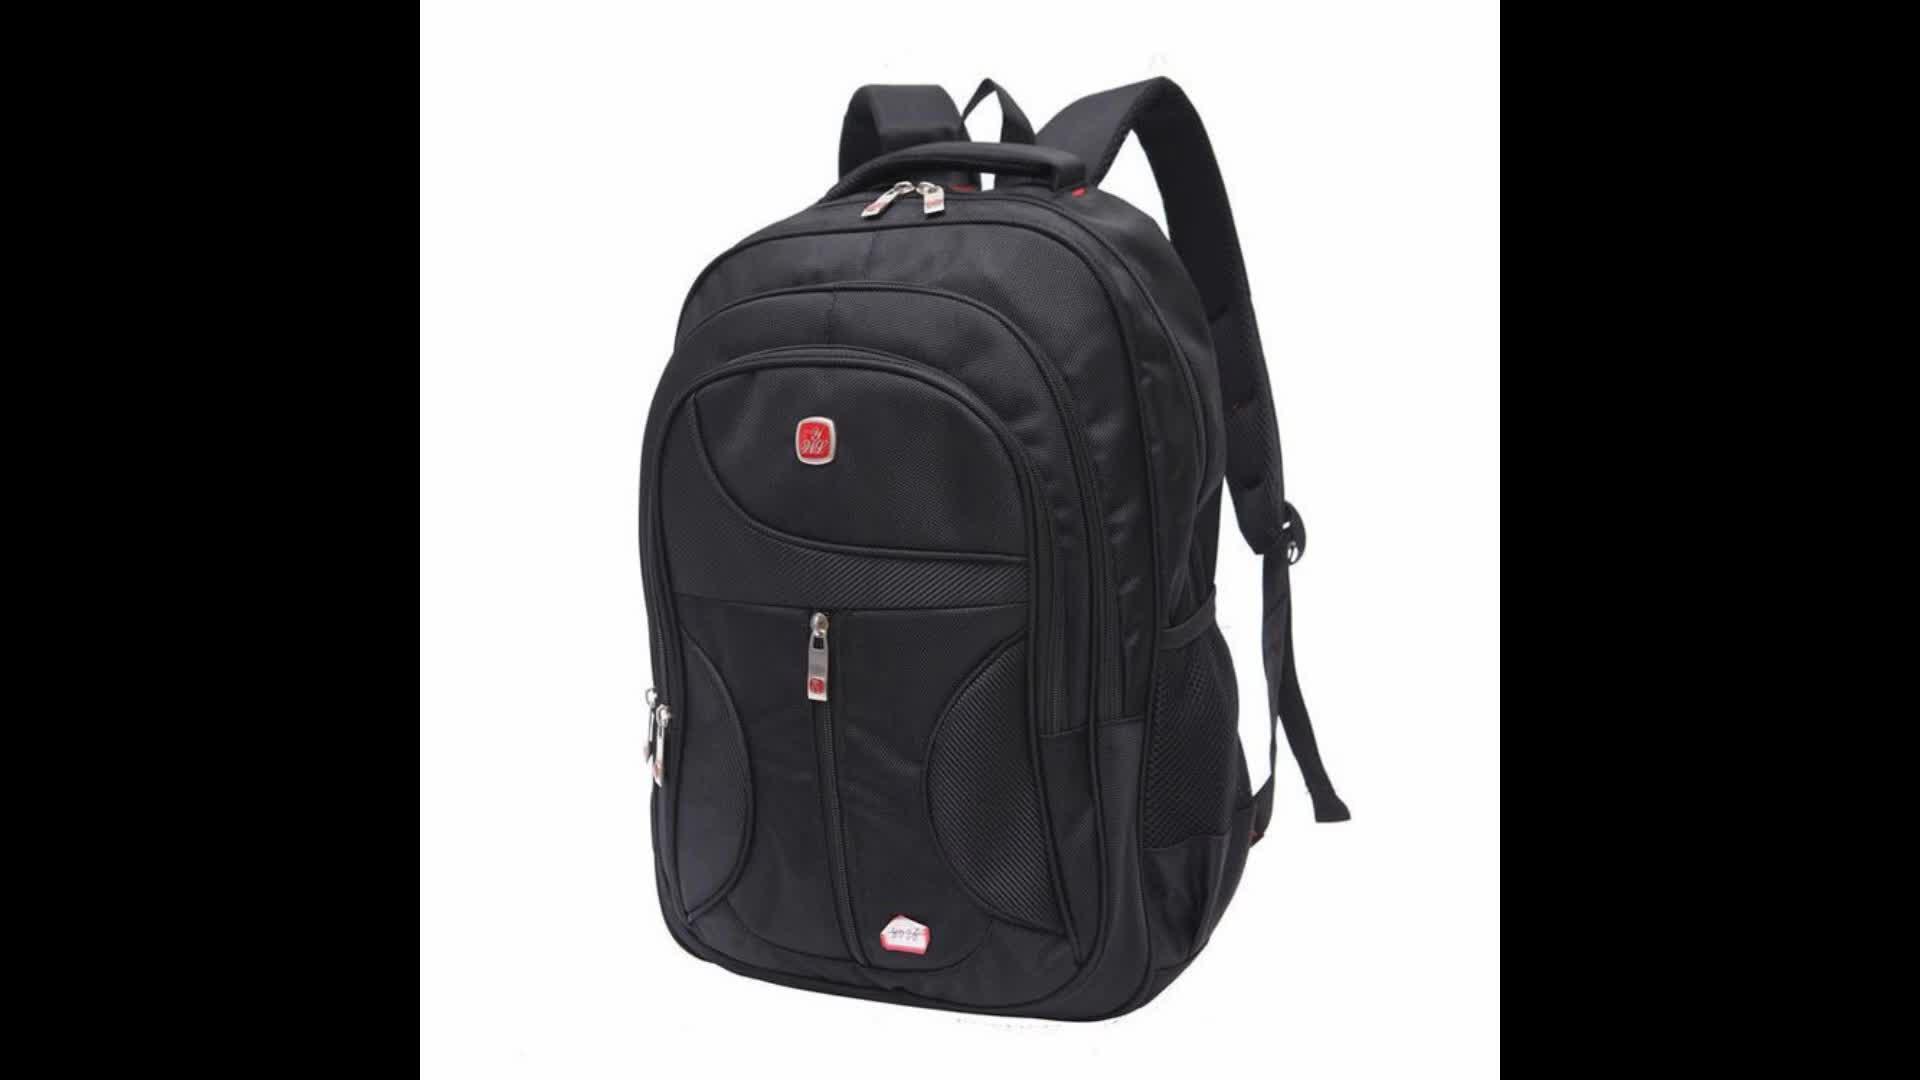 Модный рюкзак Новое поступление 30-40 л водонепроницаемый деловой нейлоновый студенческий рюкзак